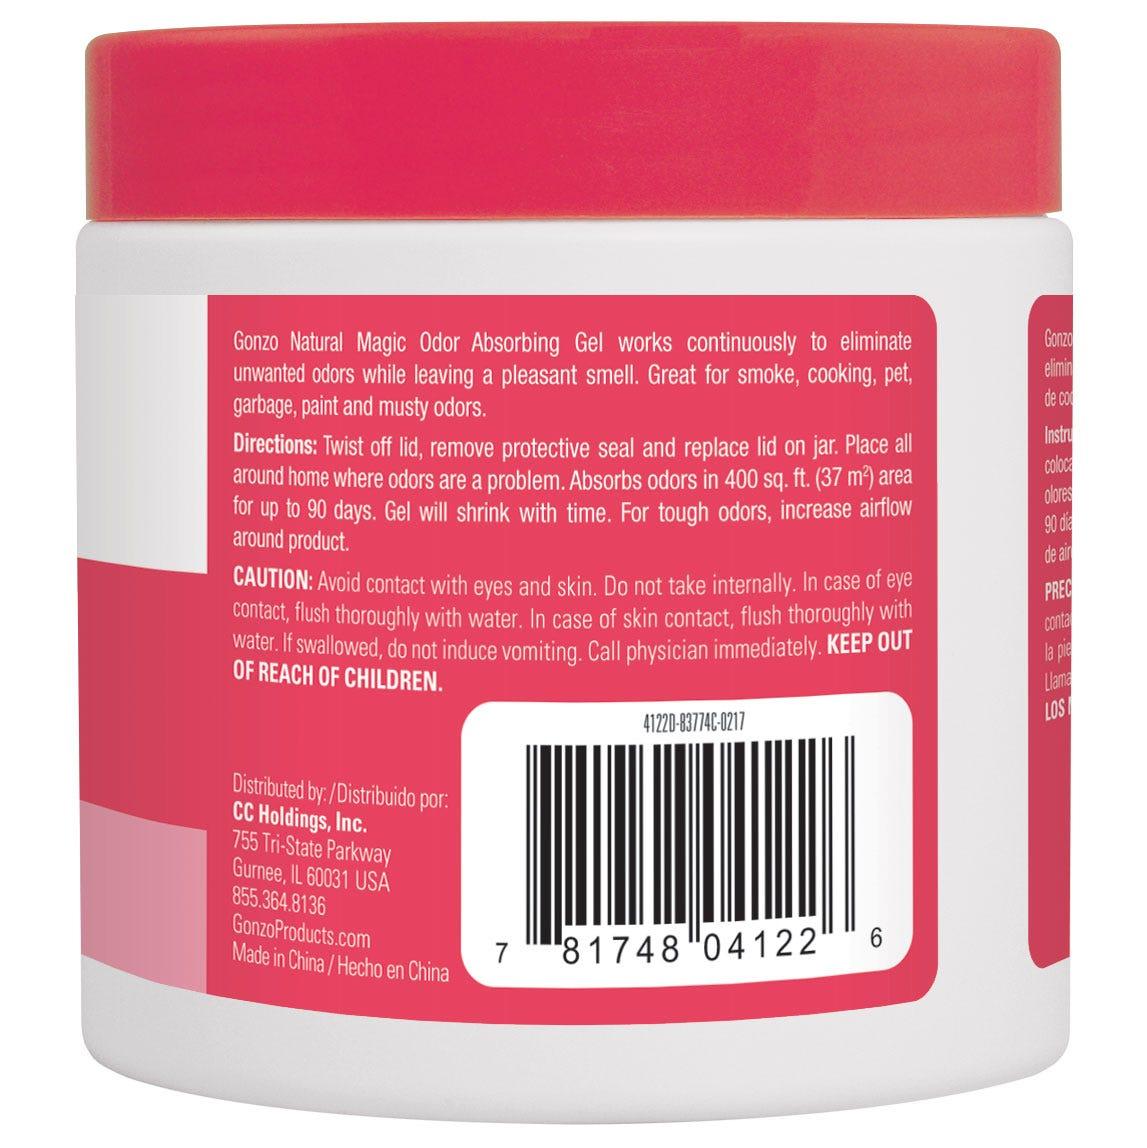 Tropical Fragrance Odor Absorber back label